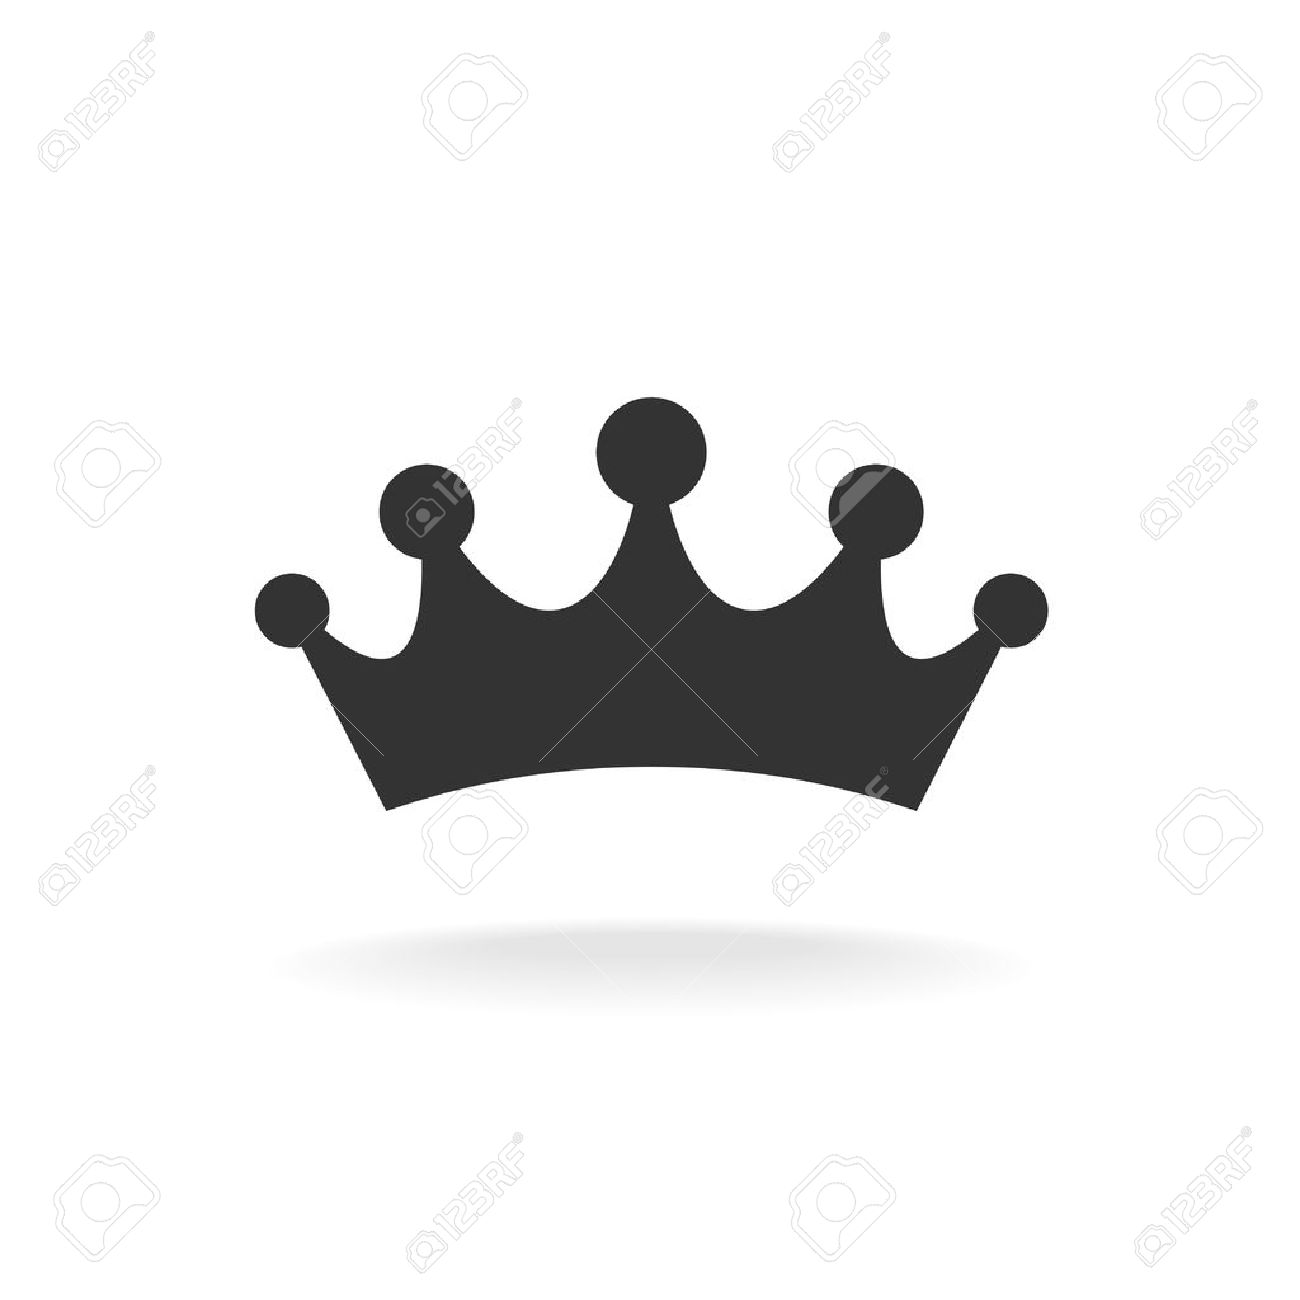 Corona De Conde Ilustración Vectorial Silueta Aislados Negro Sobre